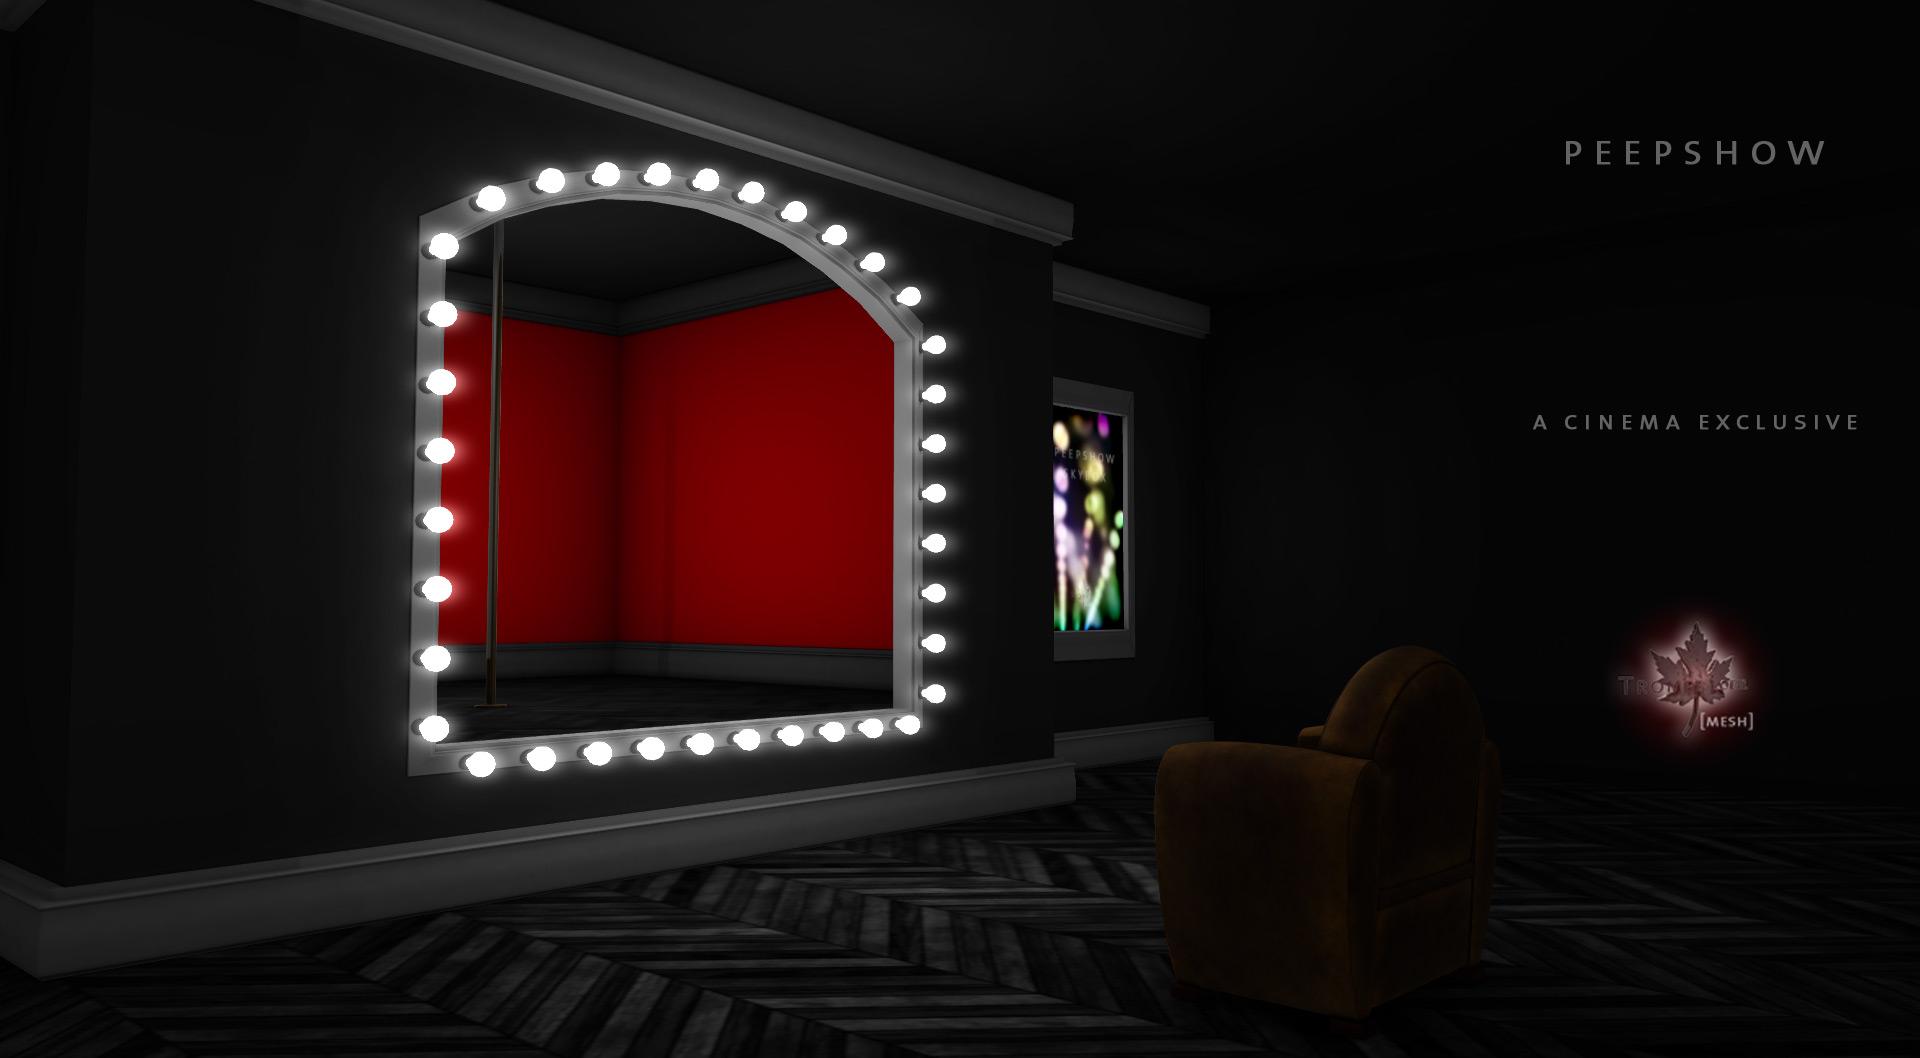 Trompe loeil peepshow skybox promo image 02 trompe loeil - Trompe loeil hoofd bed ...